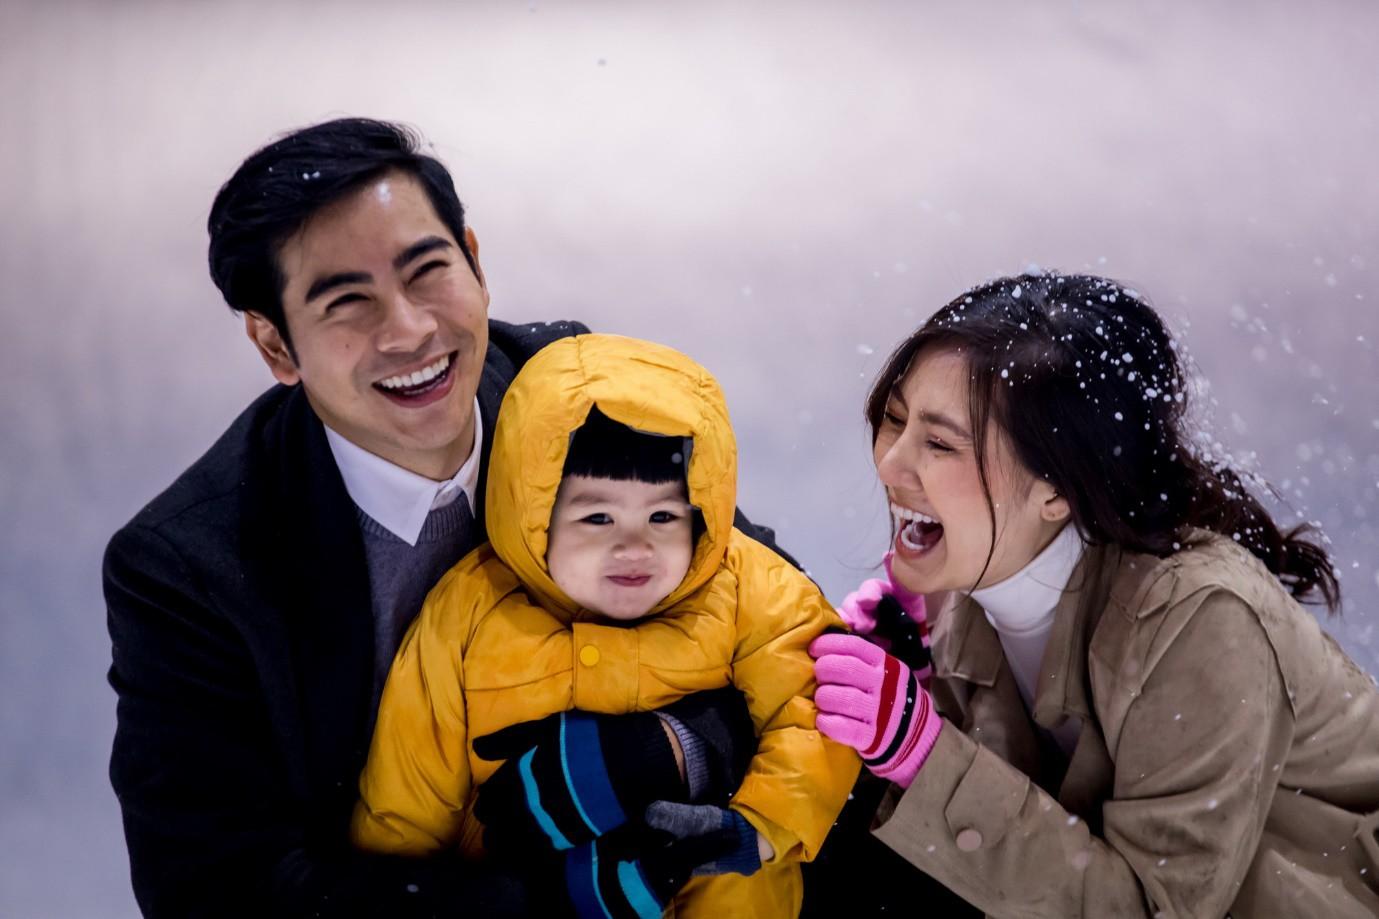 Châu Đăng Khoa dán đầy ảnh du lịch lên người trong MV mới - Ảnh 1.